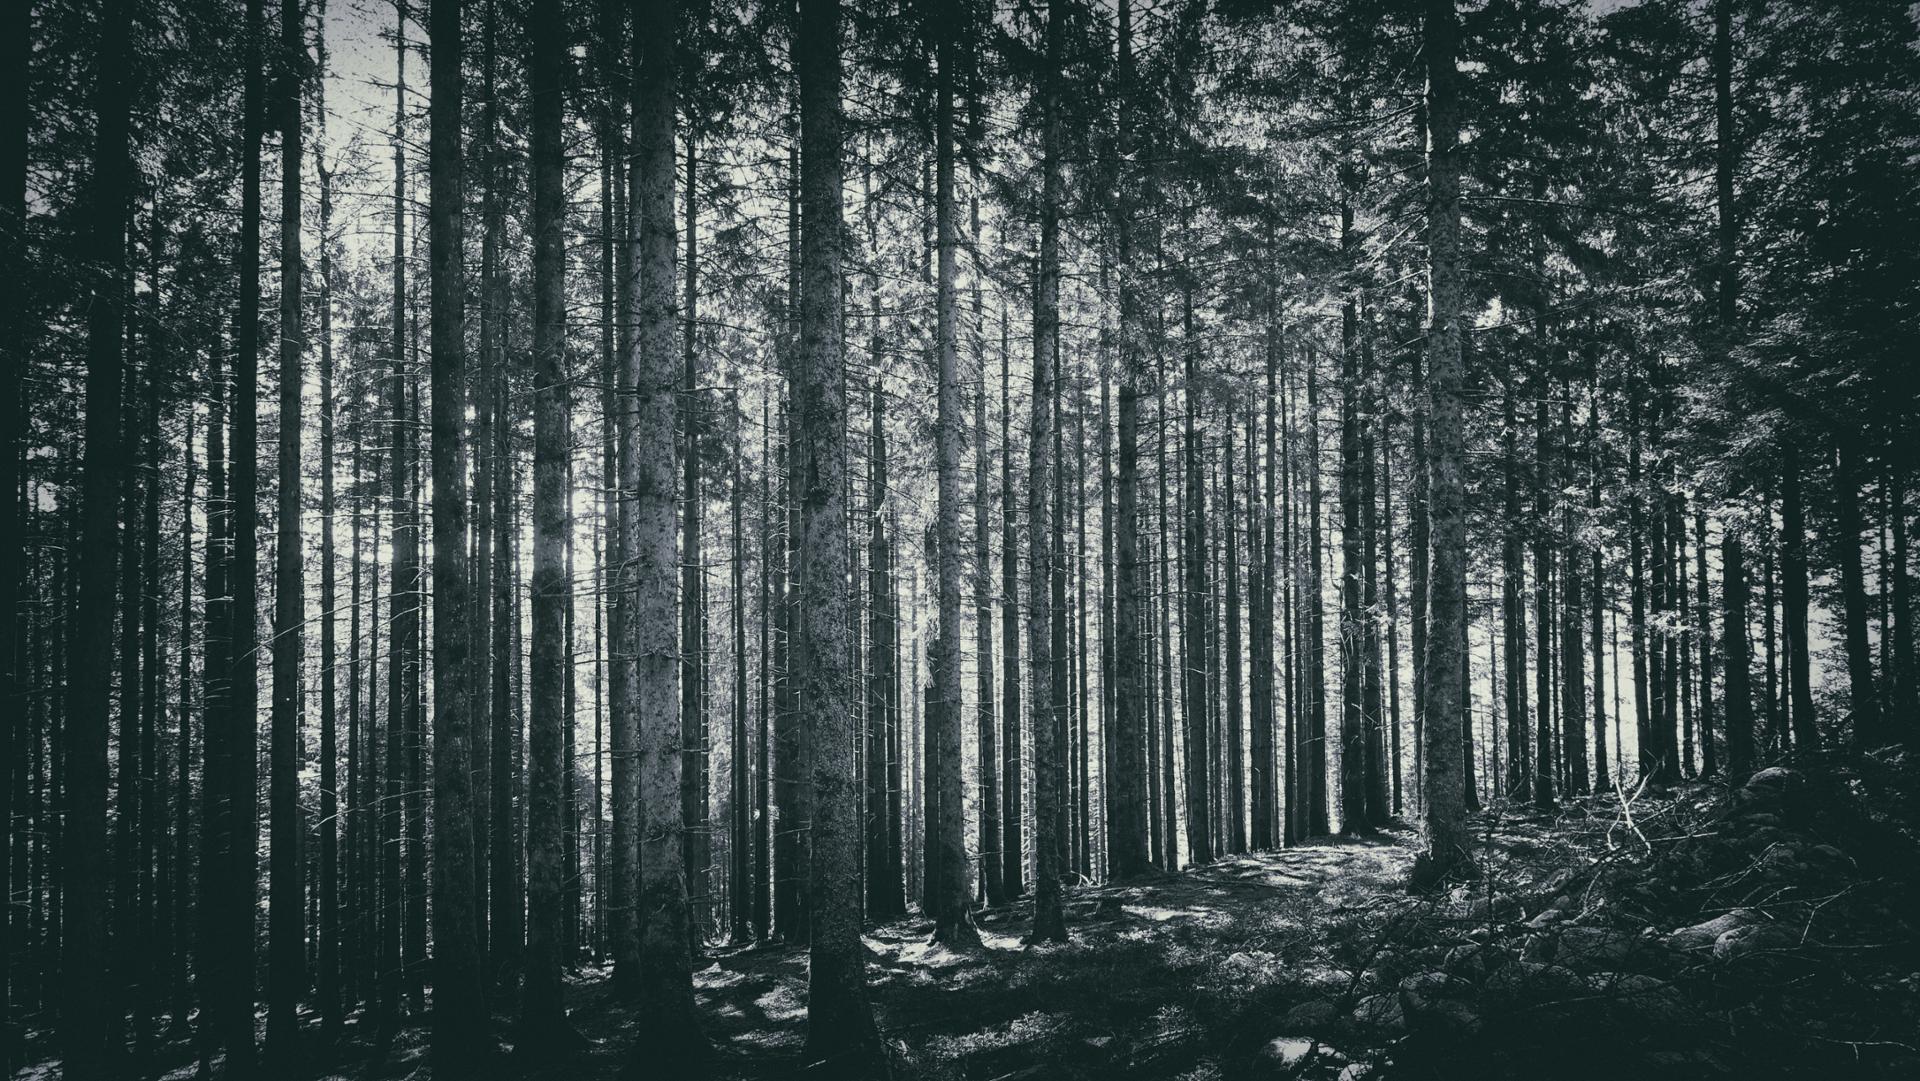 Les arbres me cachent la forêt...